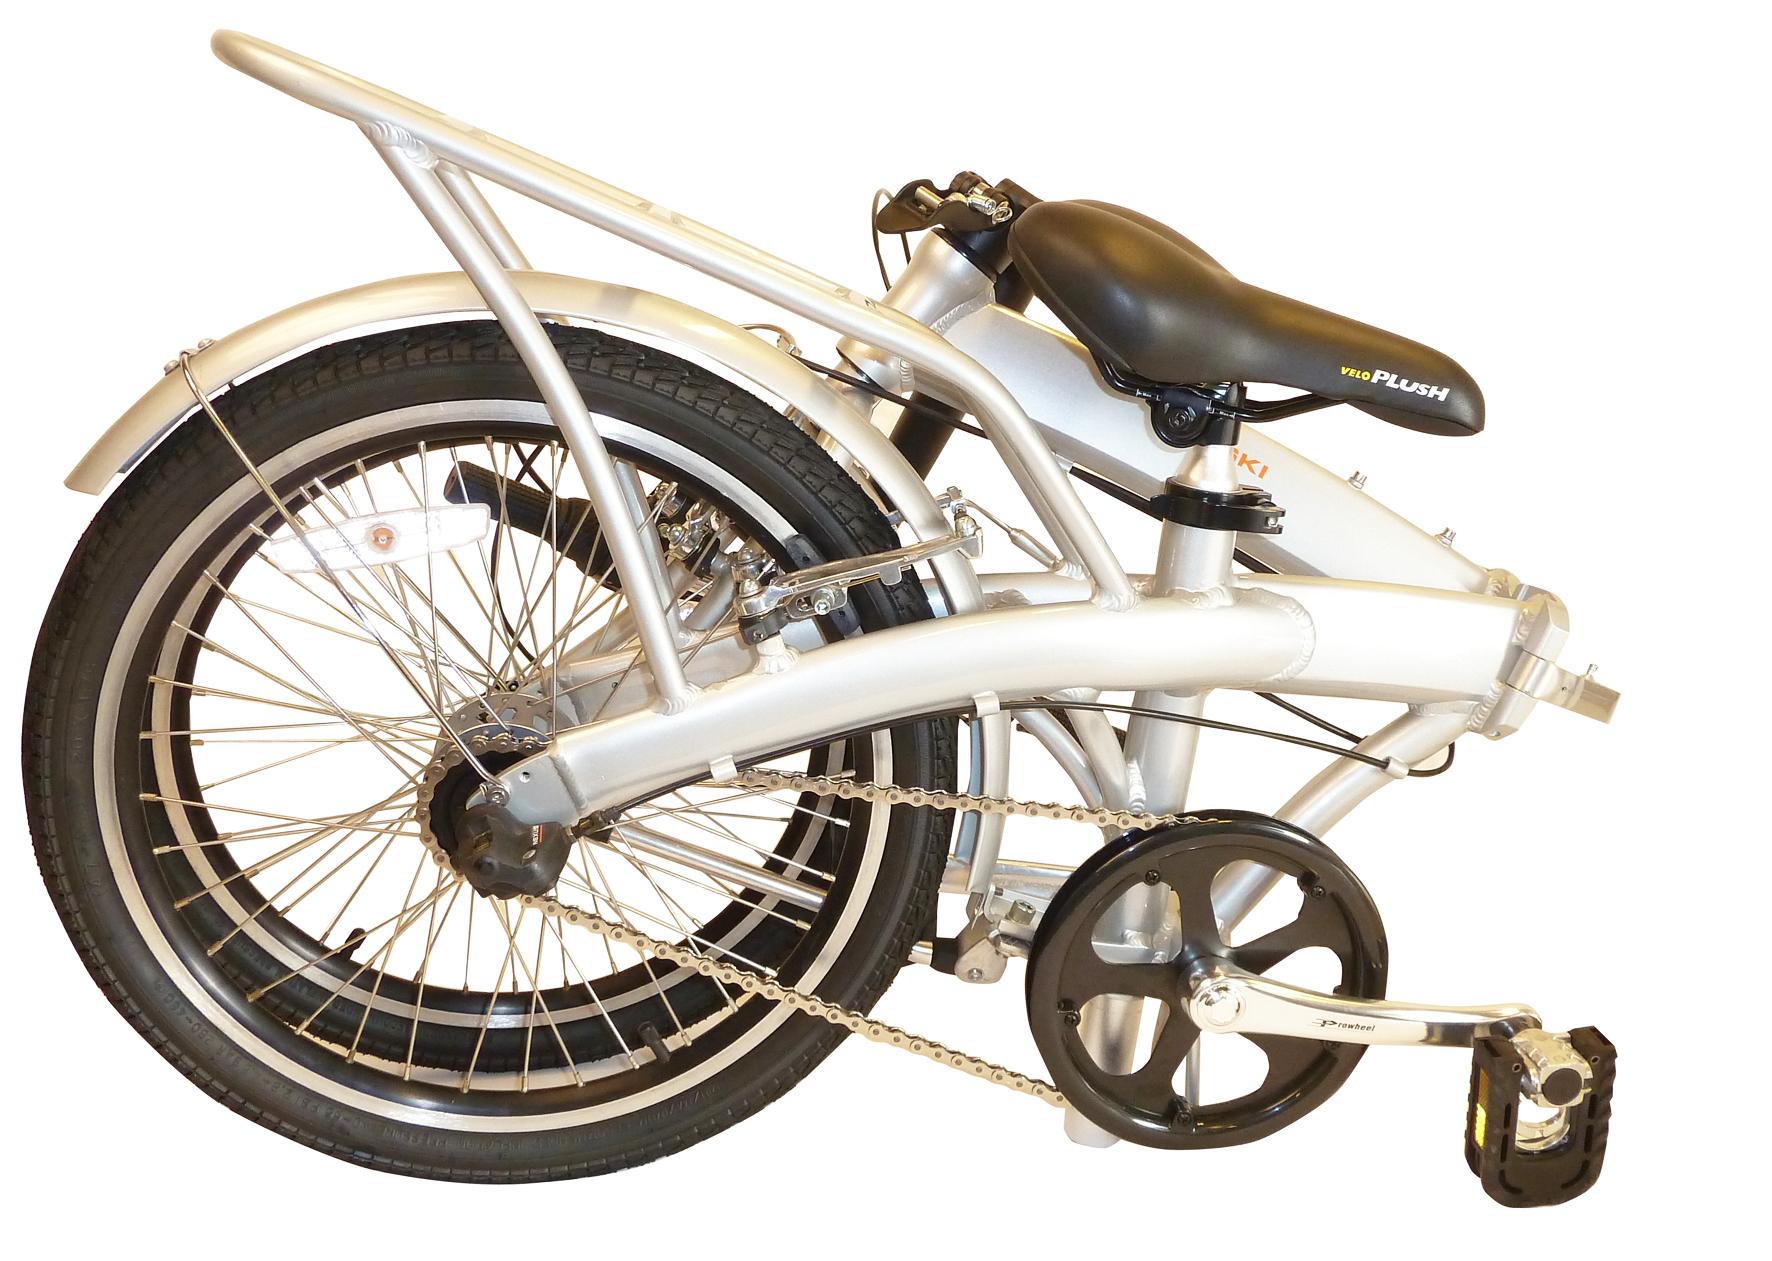 fahrrad 3 g nge 20 zoll fahrr der. Black Bedroom Furniture Sets. Home Design Ideas